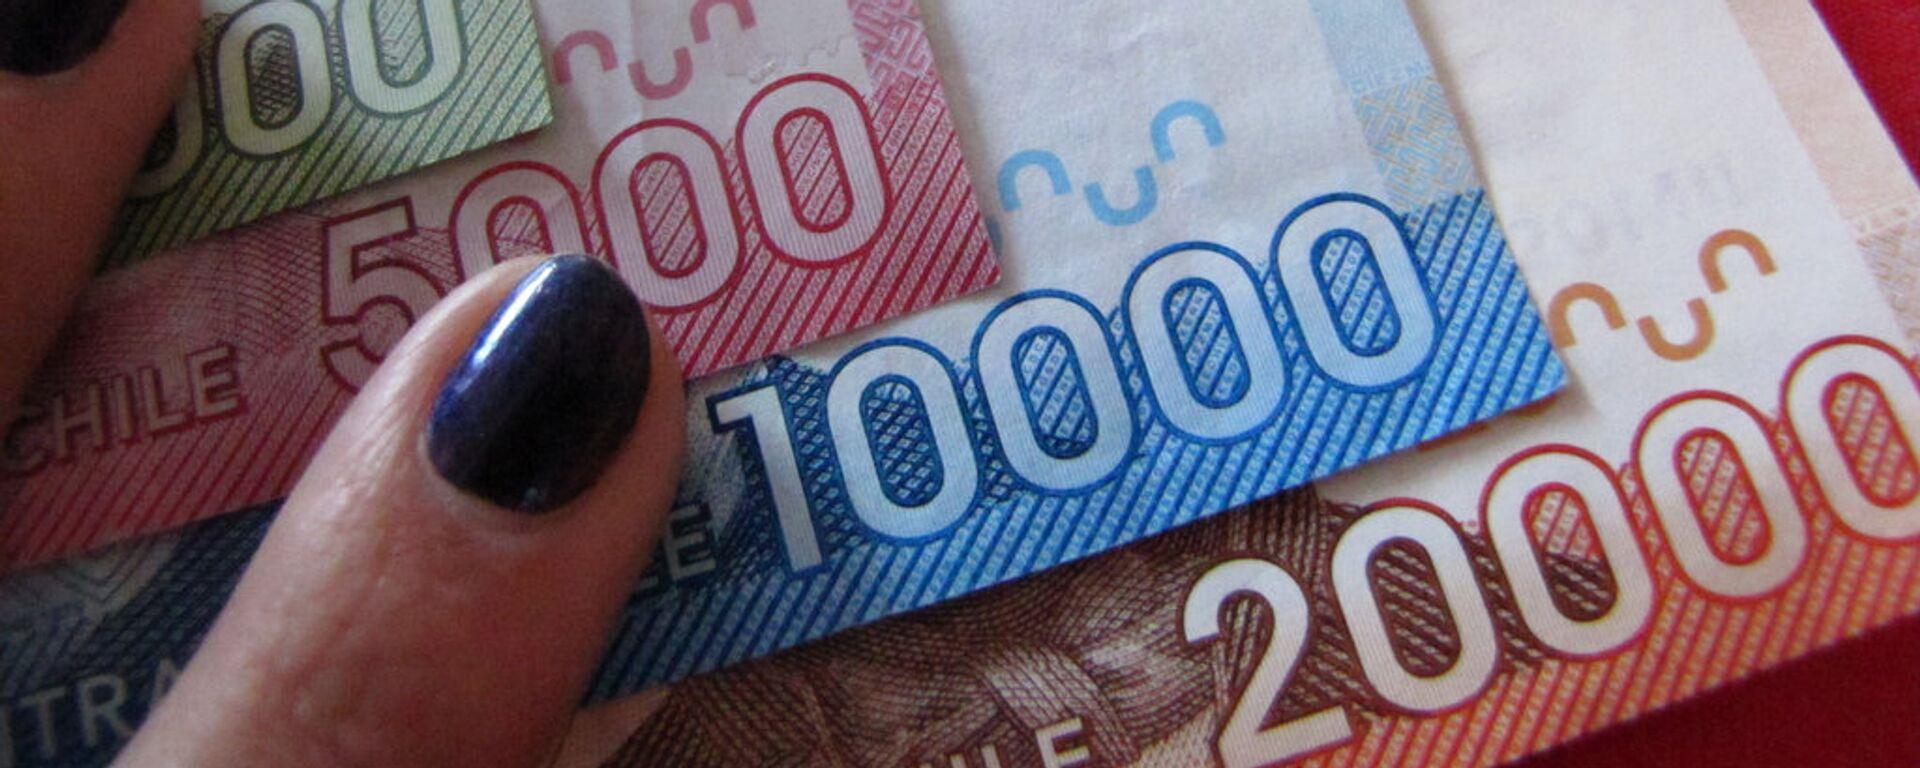 Pesos chilenos - Sputnik Mundo, 1920, 15.07.2021